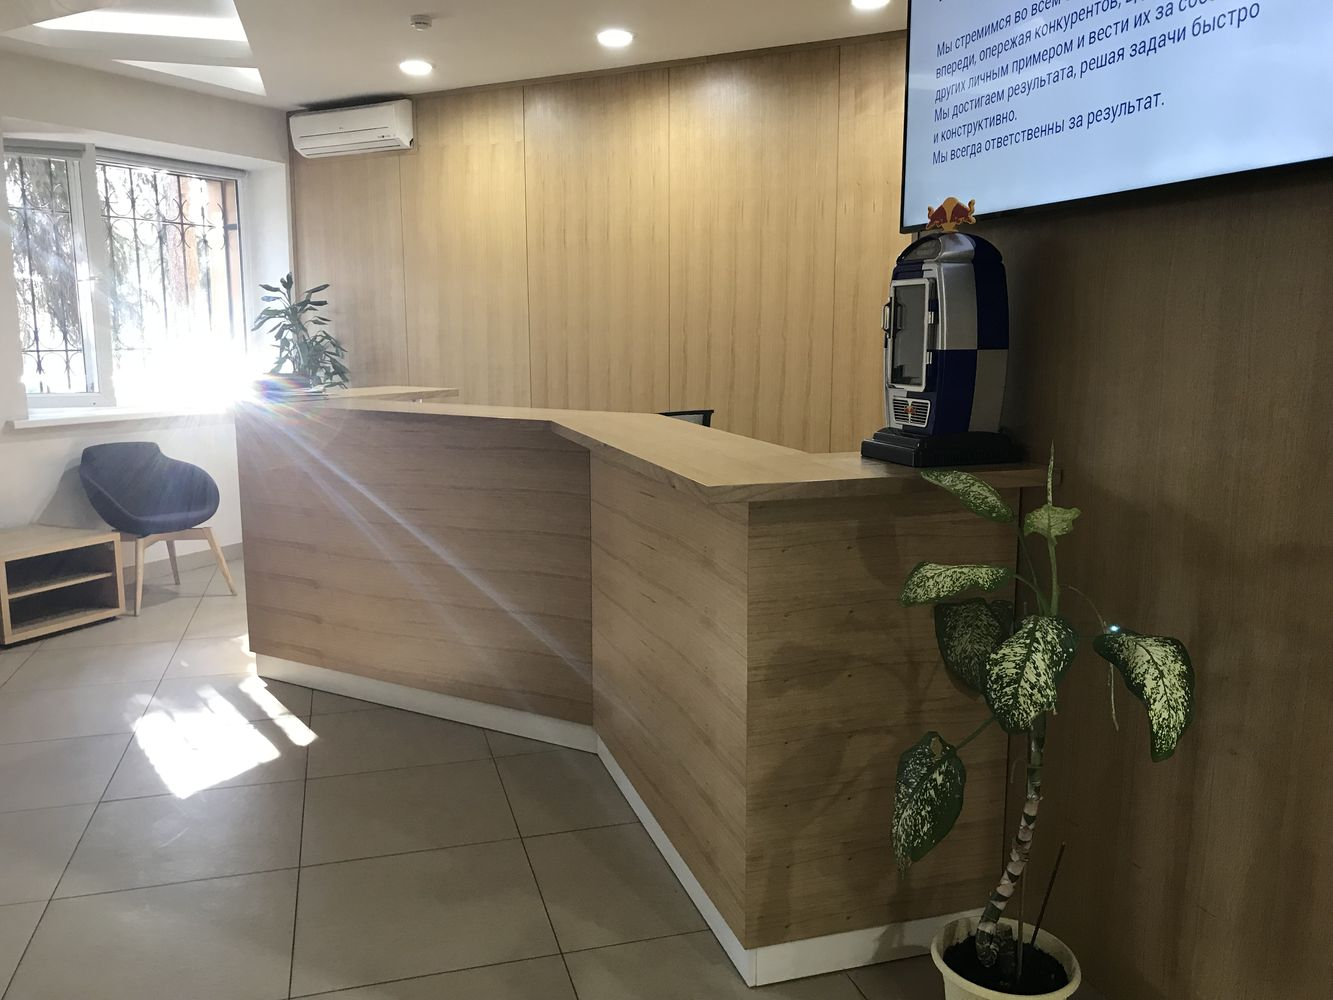 Фото Эргономичность, функциональность и надежность: NAYADA для Торговой компании Мегаполис-Казахстан